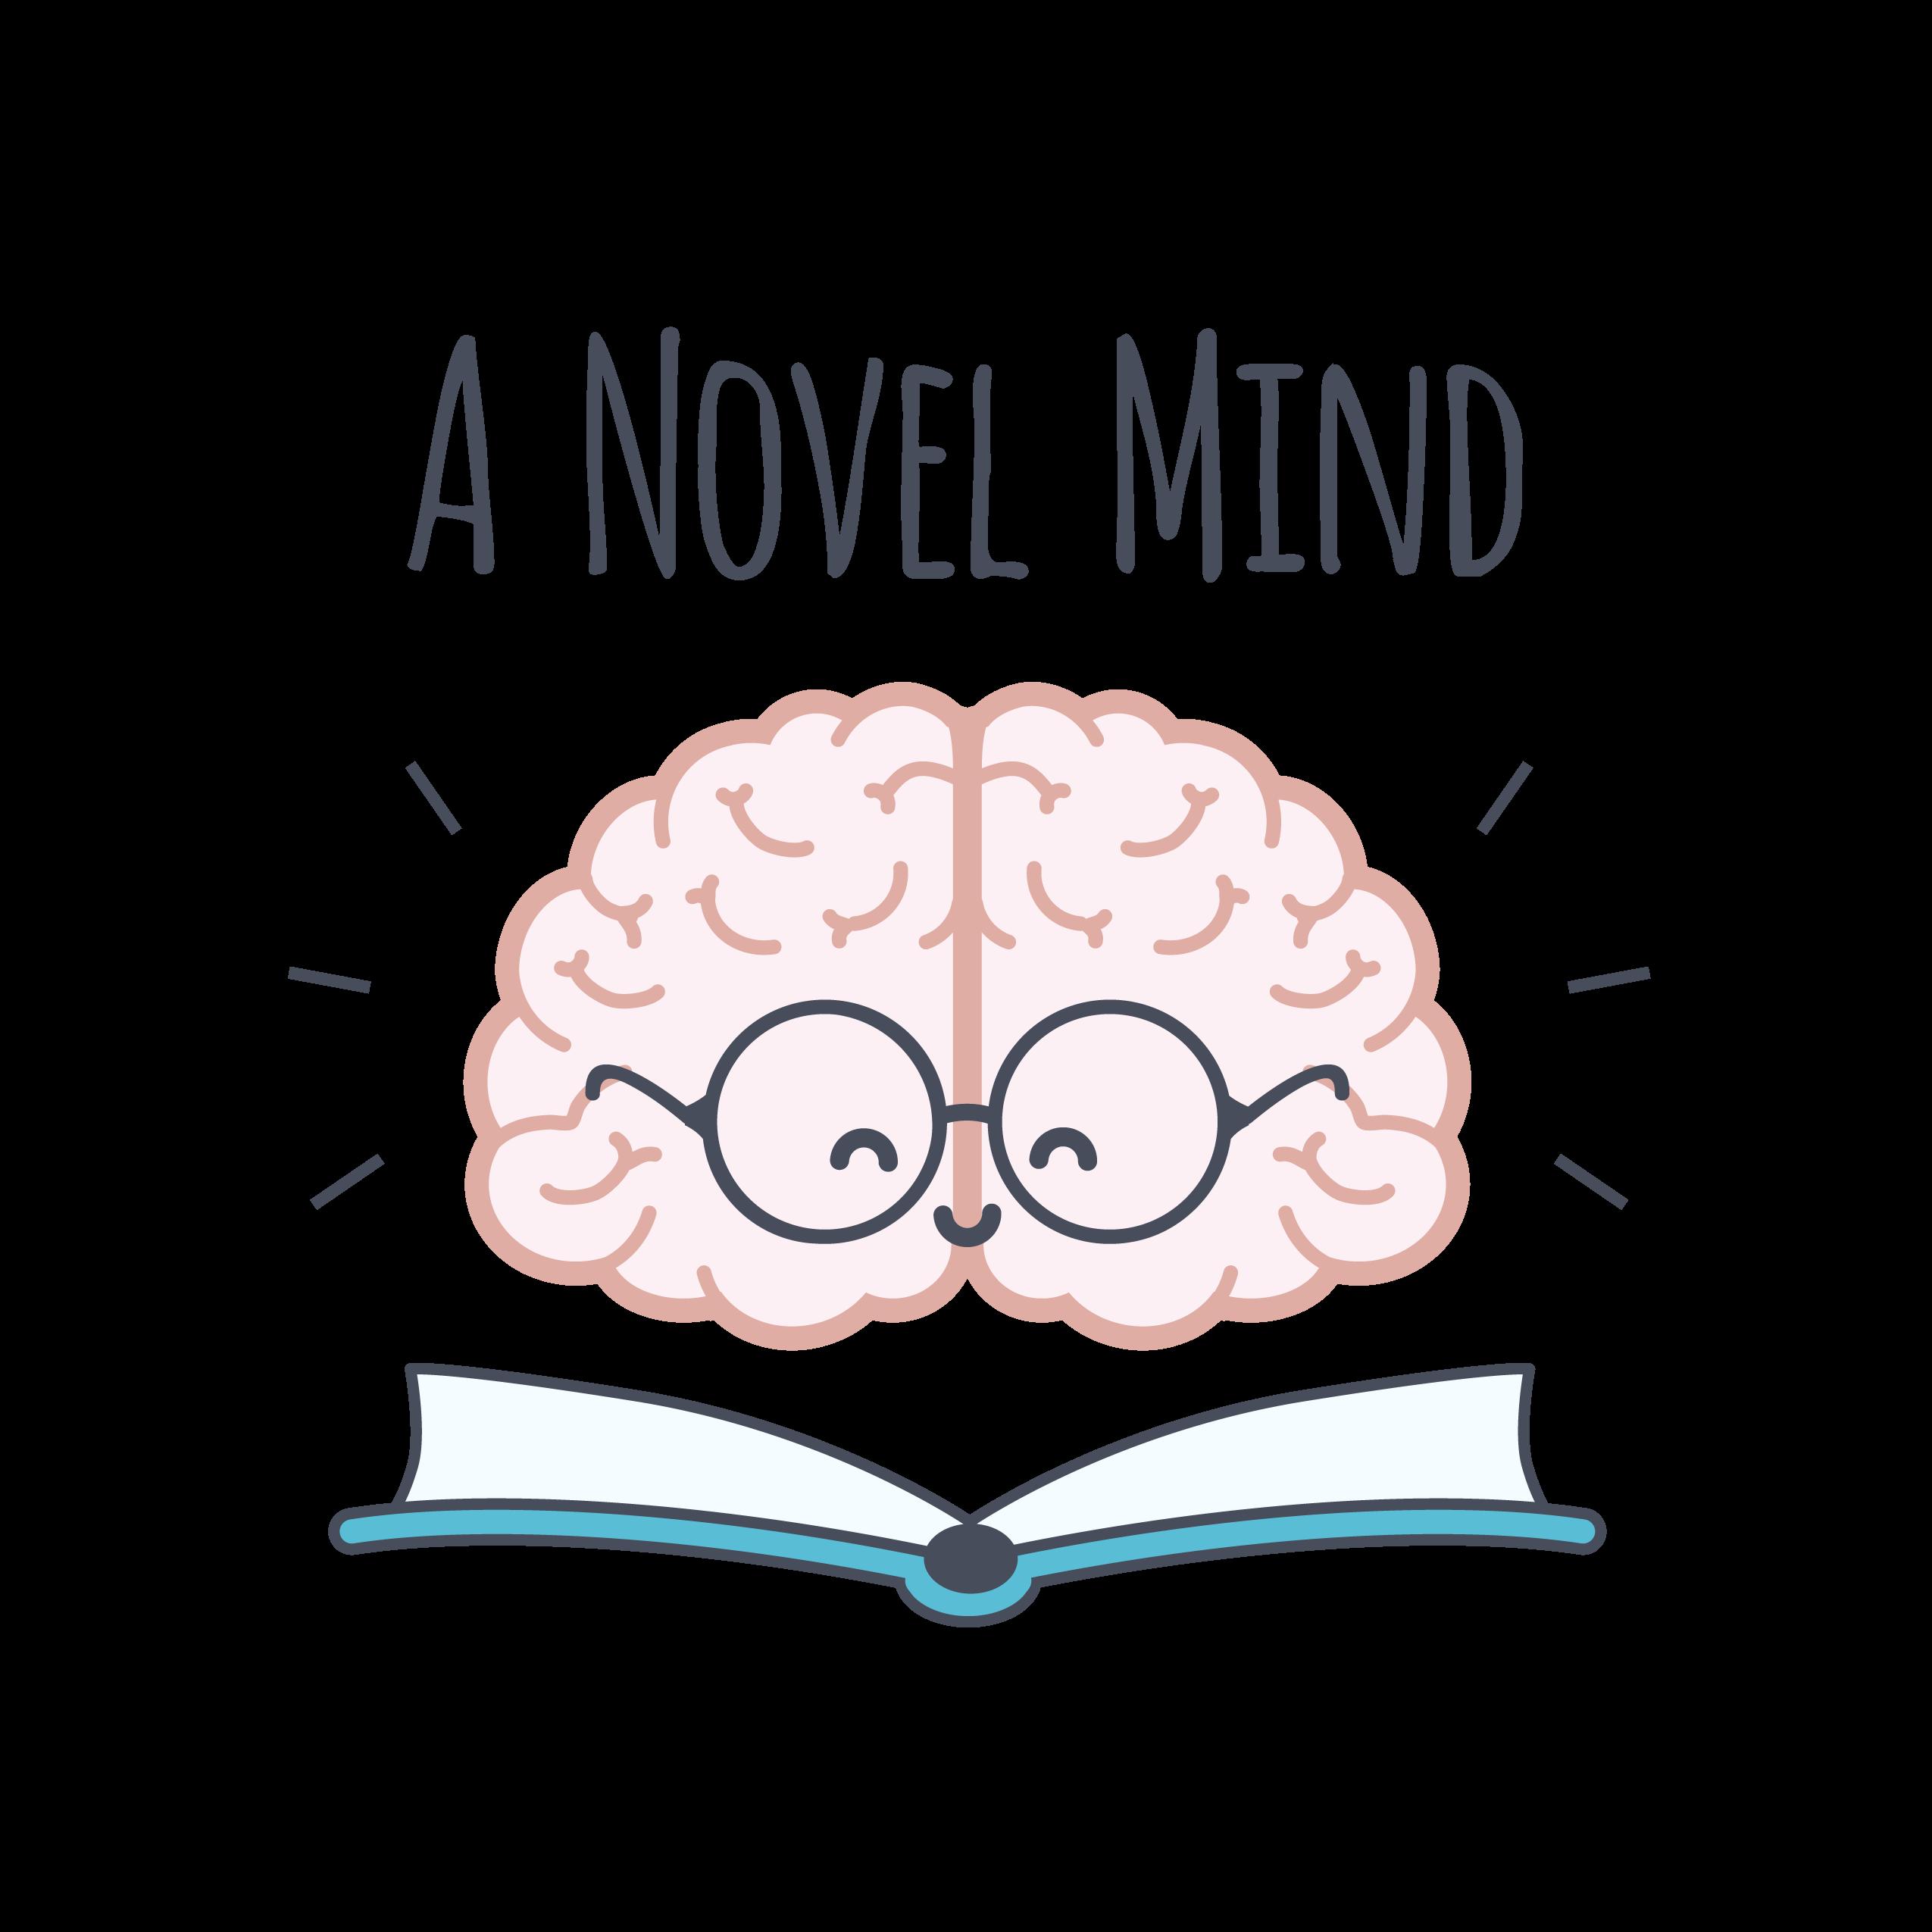 Website: A Novel Mind (children's lit/mental health)